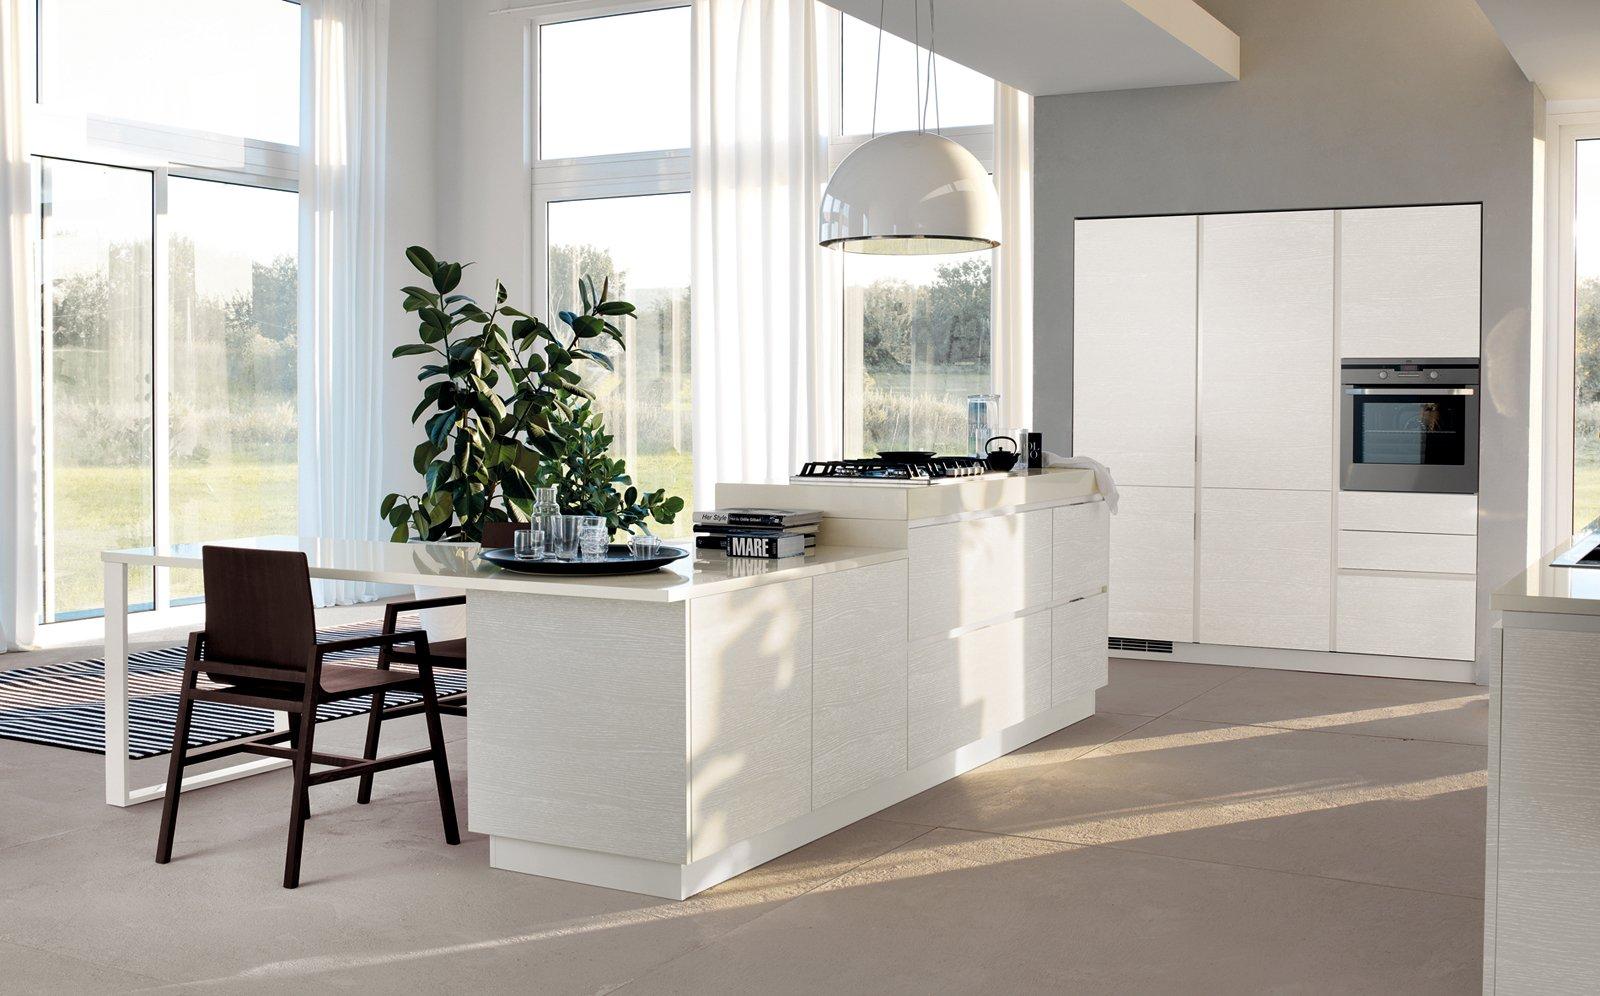 Cucine con isola cose di casa - Cucine ikea con penisola ...